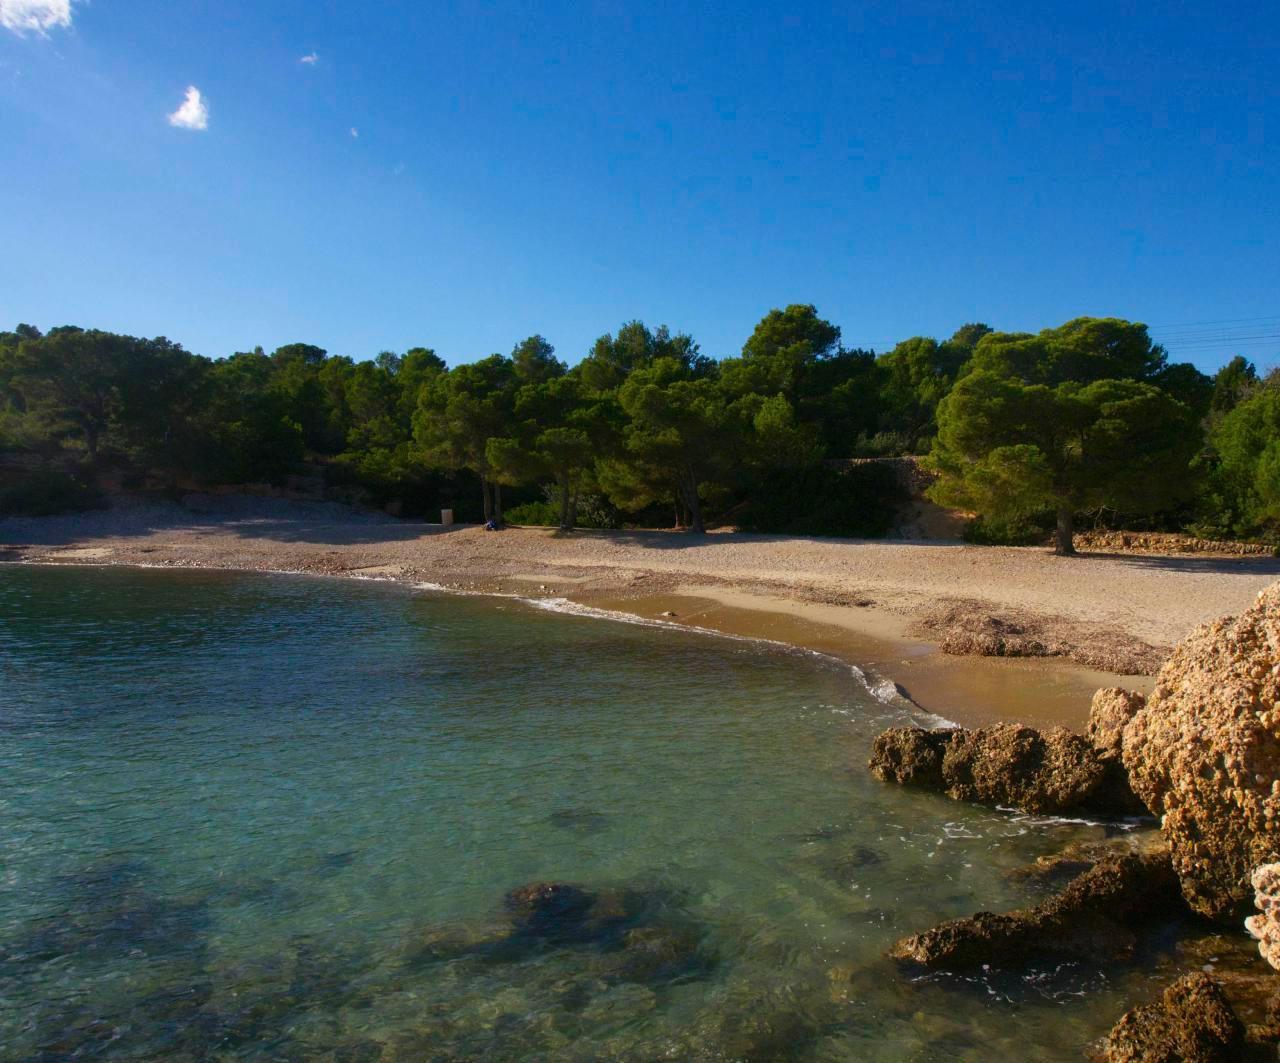 Ferienwohnung in charmantem Landgasthaus (1584575), L'Ametlla de Mar, Costa Dorada, Katalonien, Spanien, Bild 20